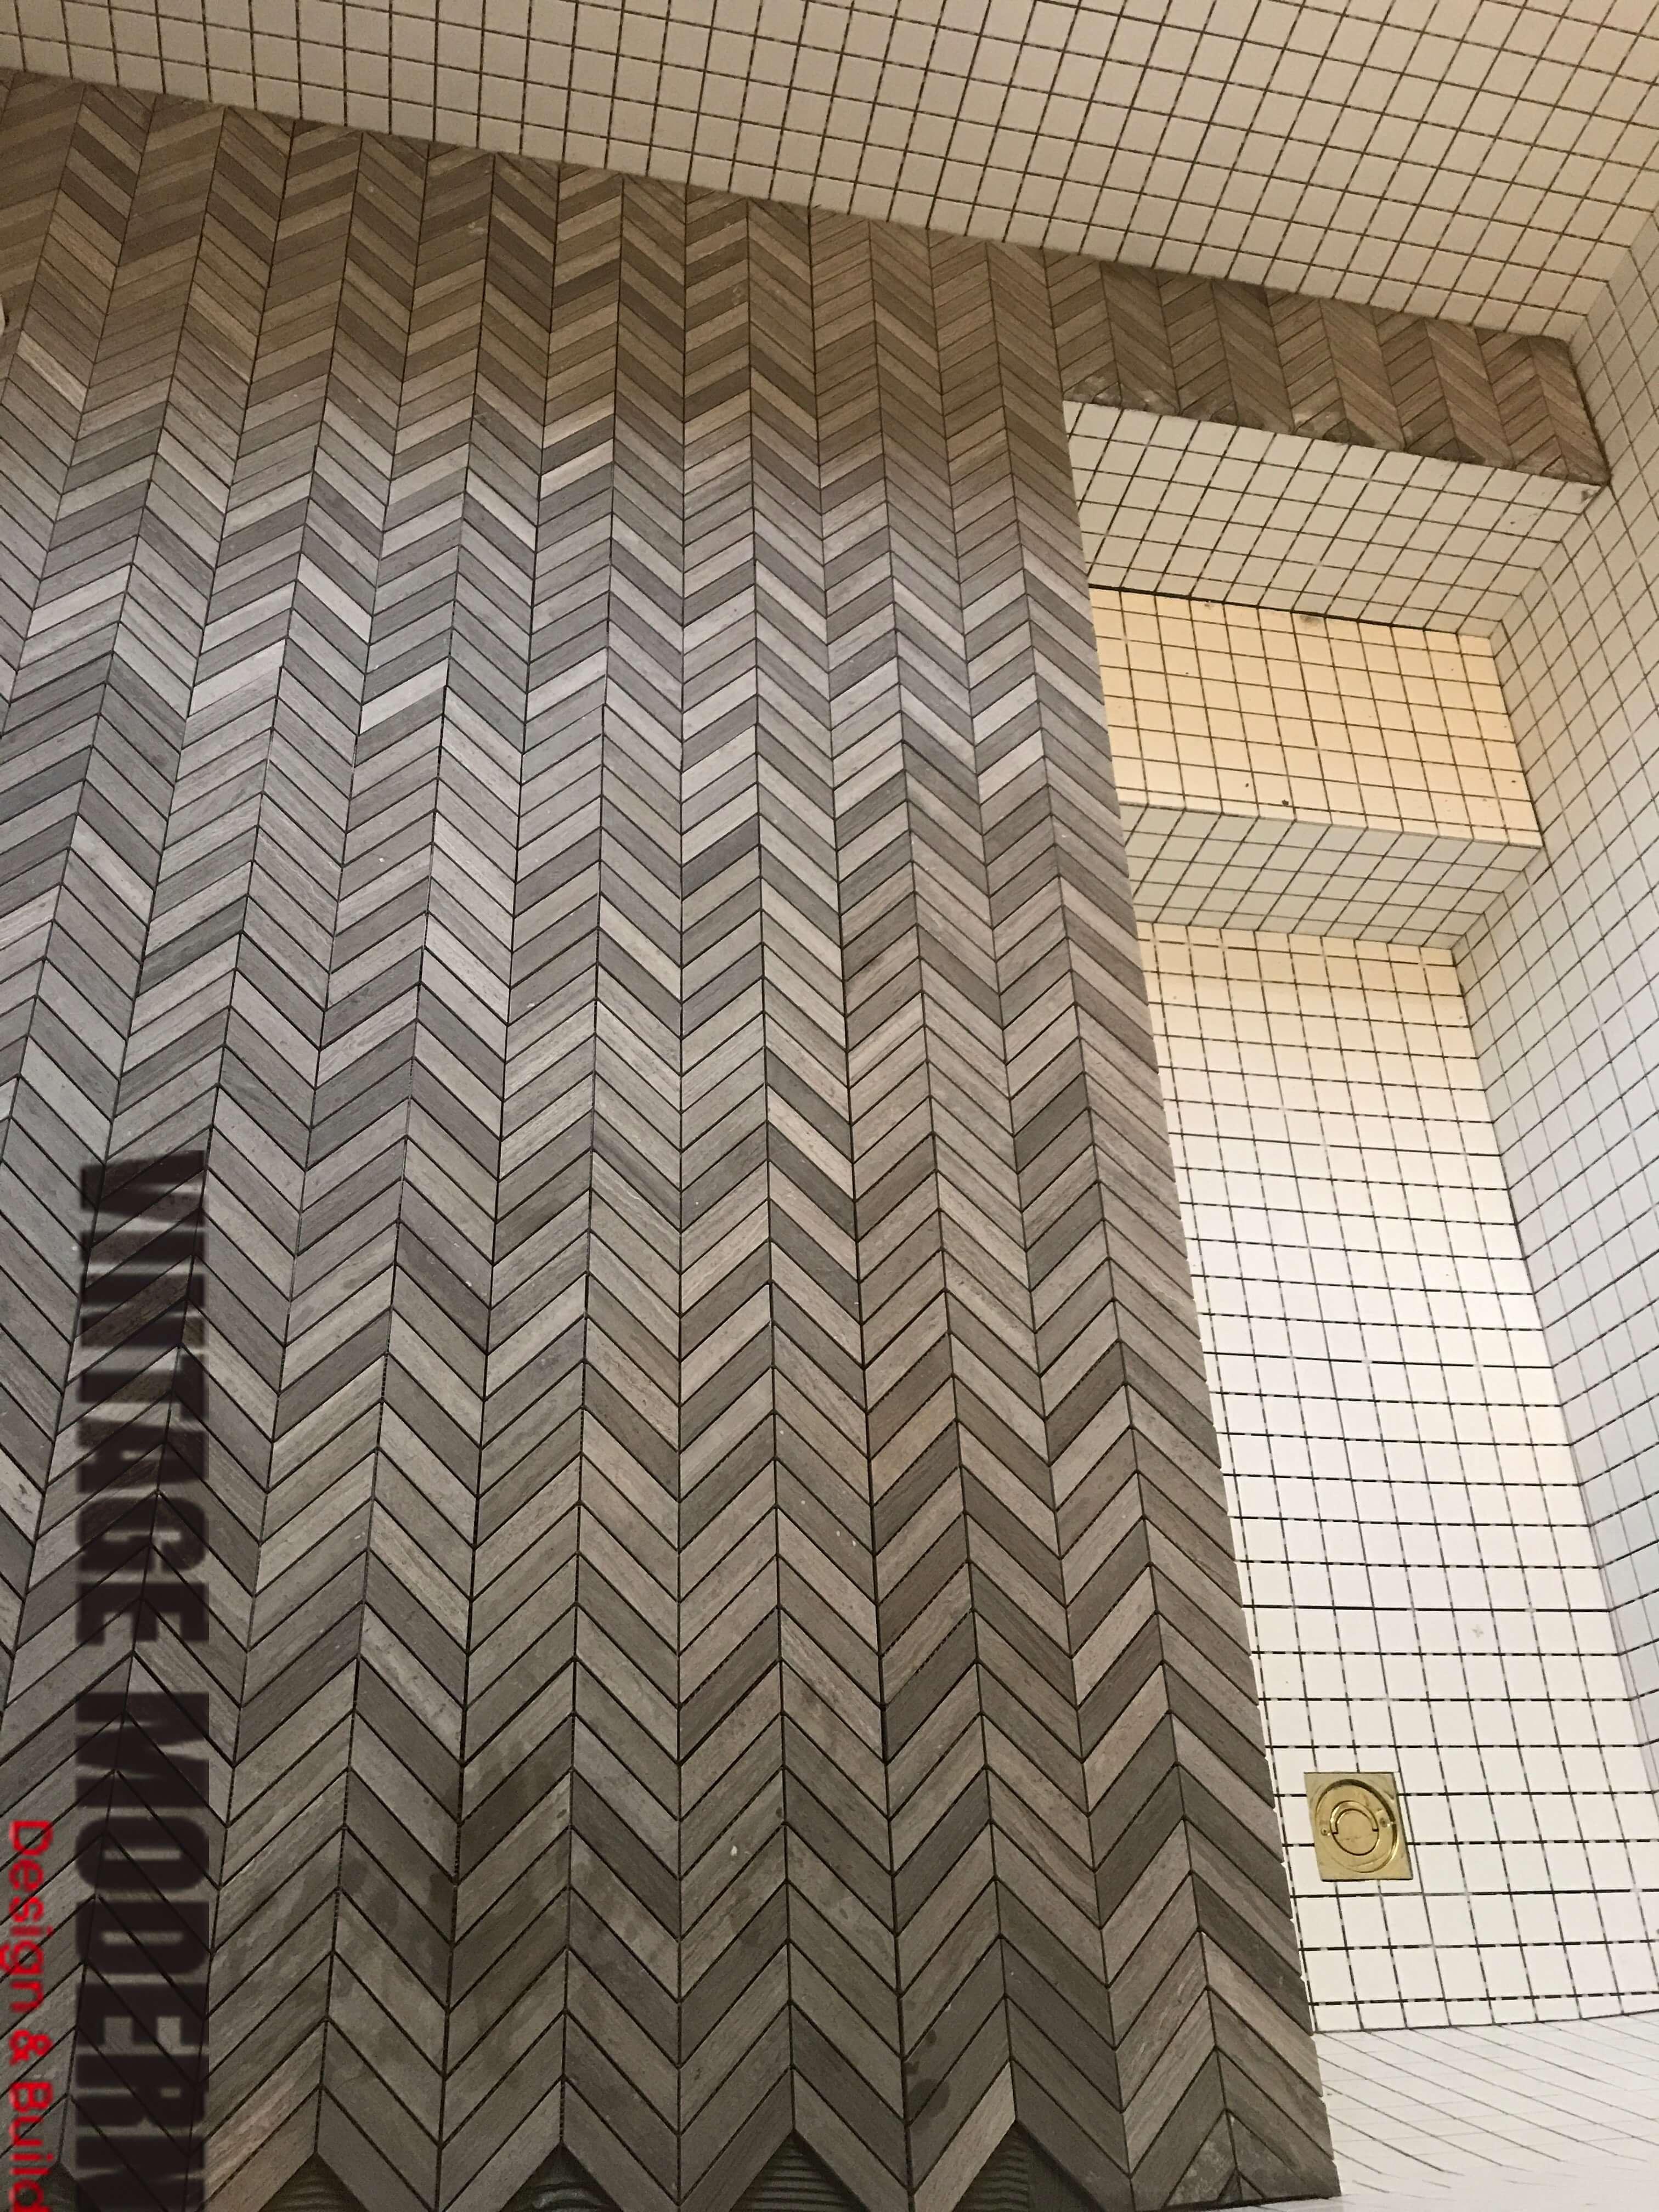 Sunken Shower Tile Roman Tub Bathroom Remodeling Project